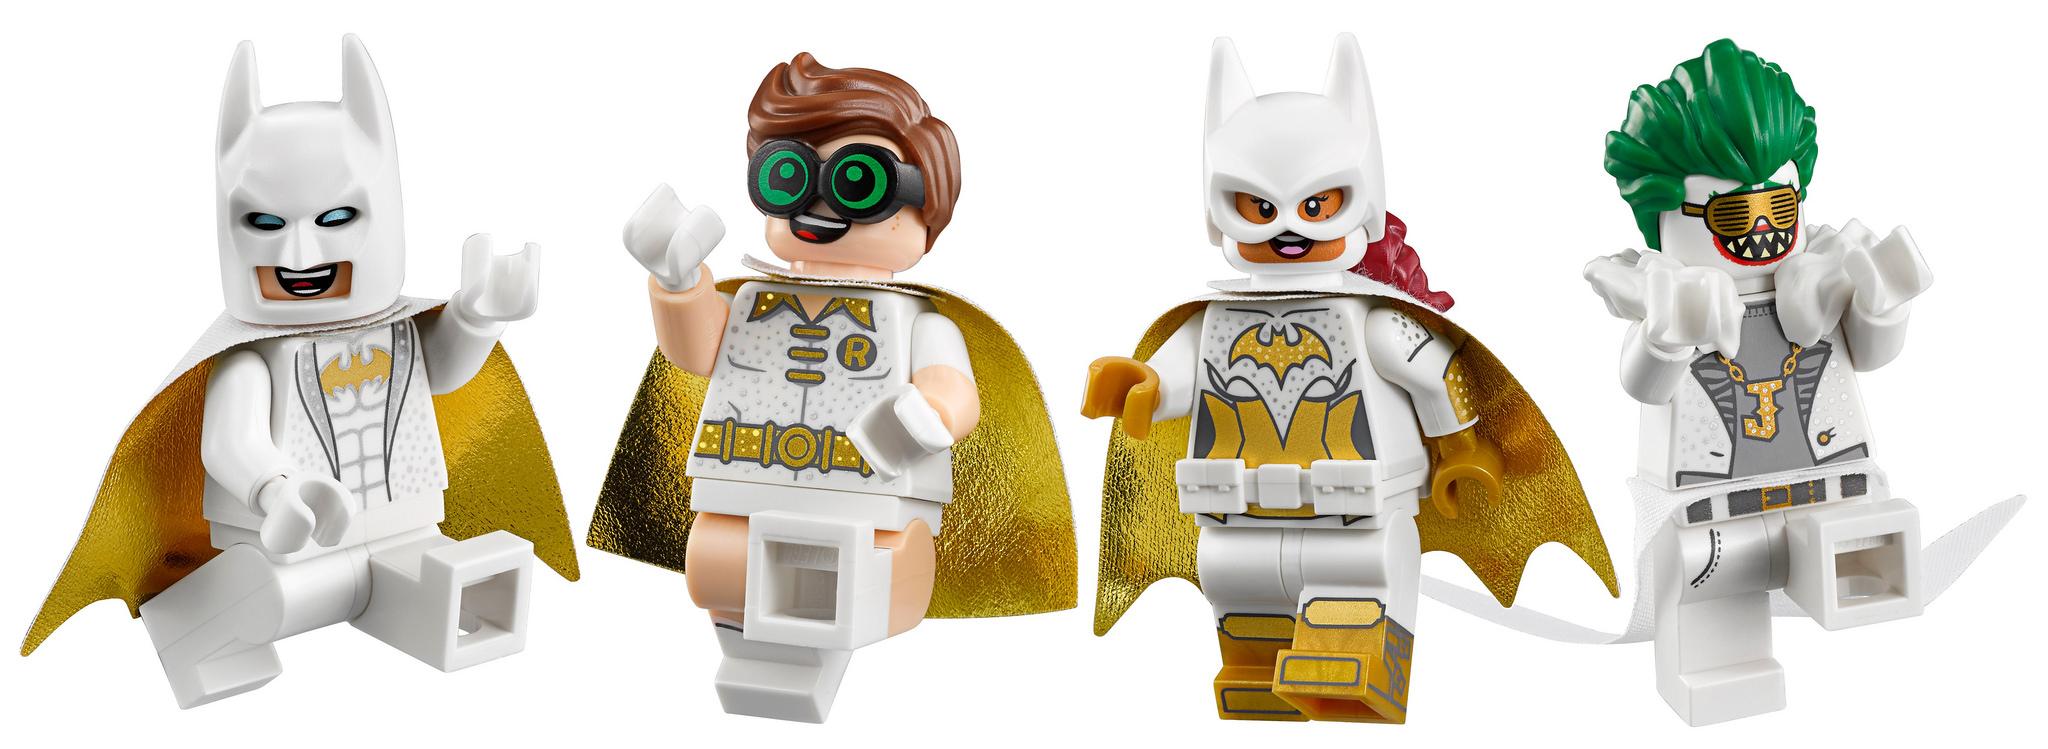 Tratto Il Movie Lego Batman Presentato Manor Film Joker The Set Dal erBWdCxo